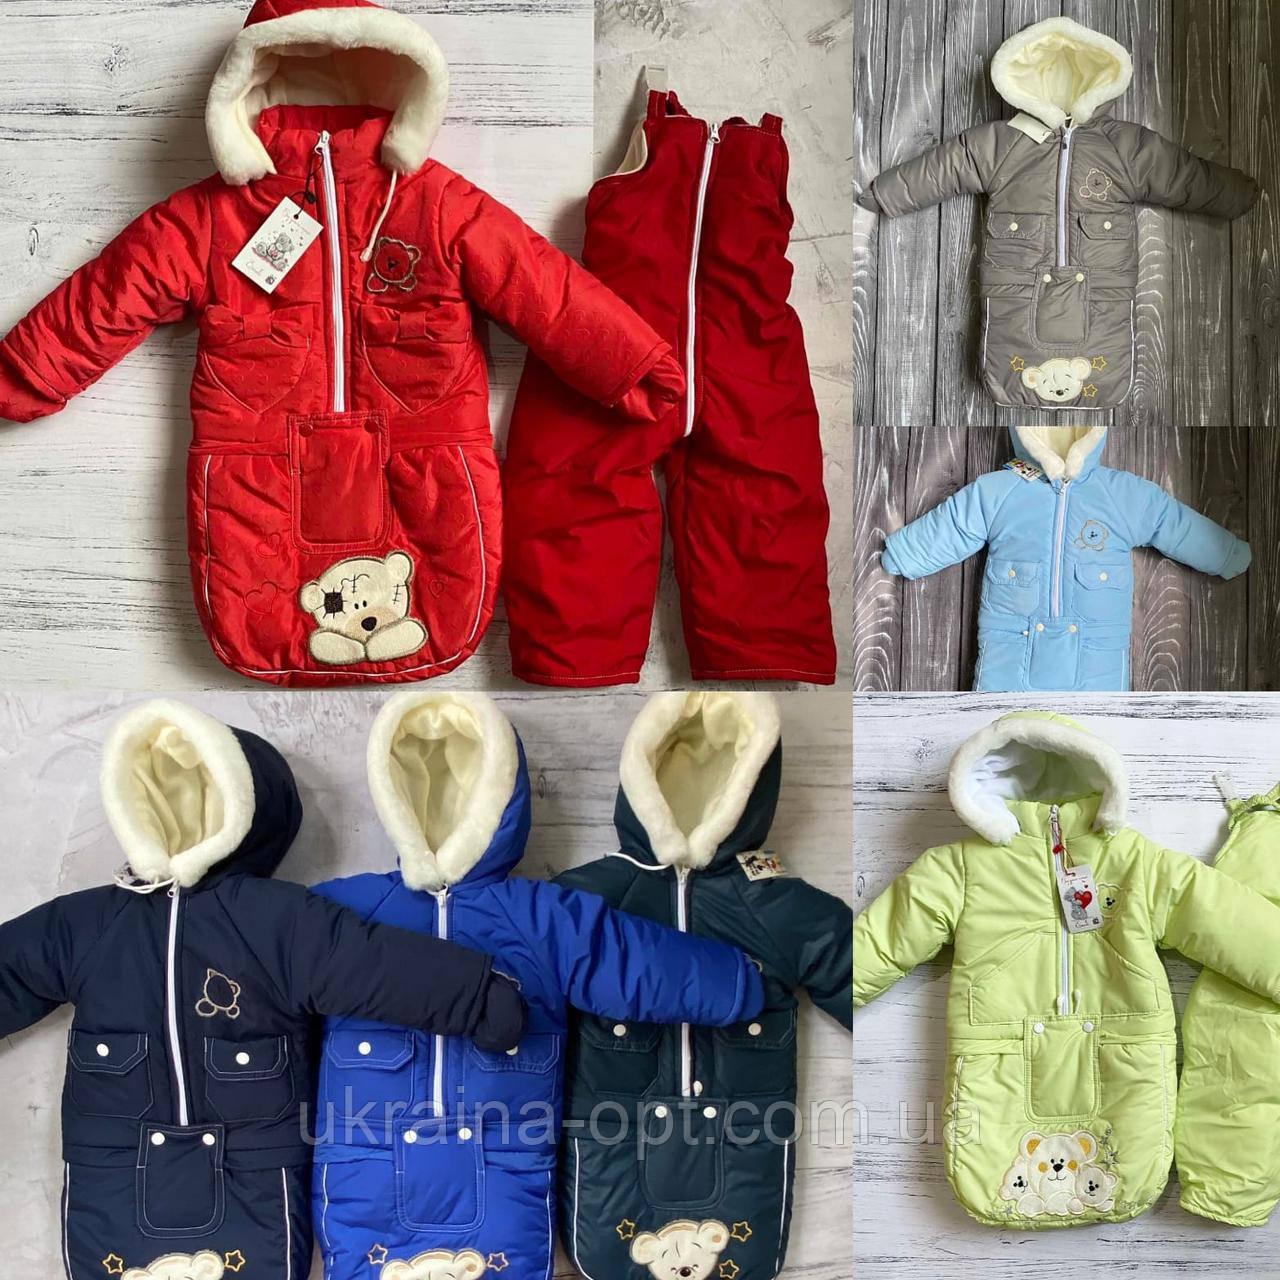 Комбинезон тройка для мальчика (куртка, штаны, конверт). С рождения до 2-х лет